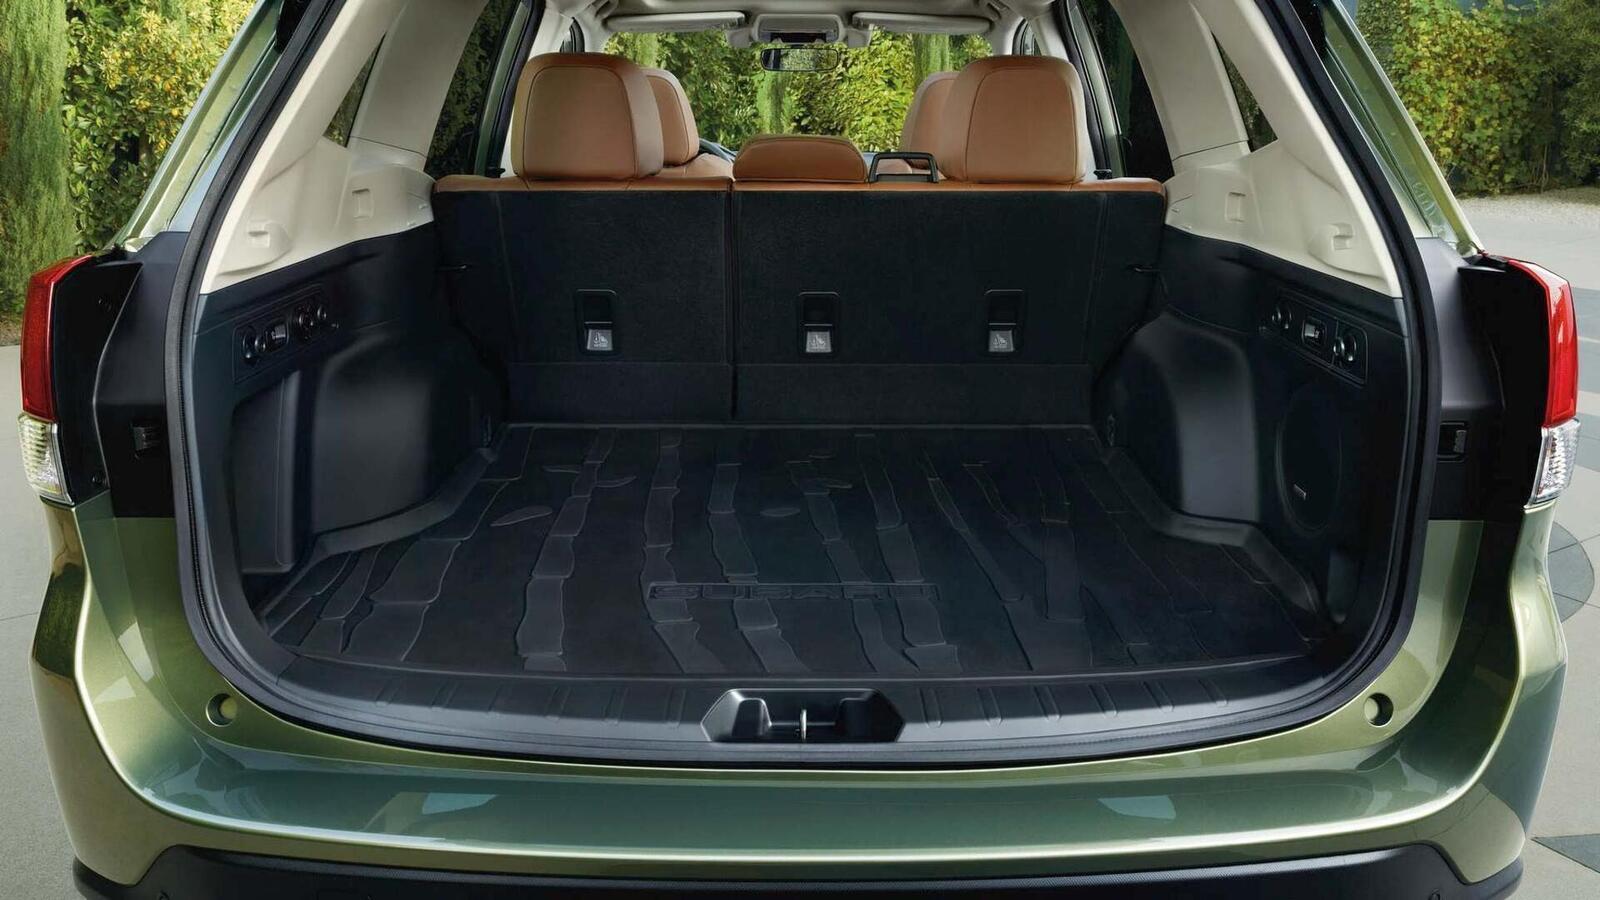 Subaru Forester 2019: Thay đổi nội ngoại thất, động cơ mạnh hơn, thêm nhiều phiên bản - Hình 15